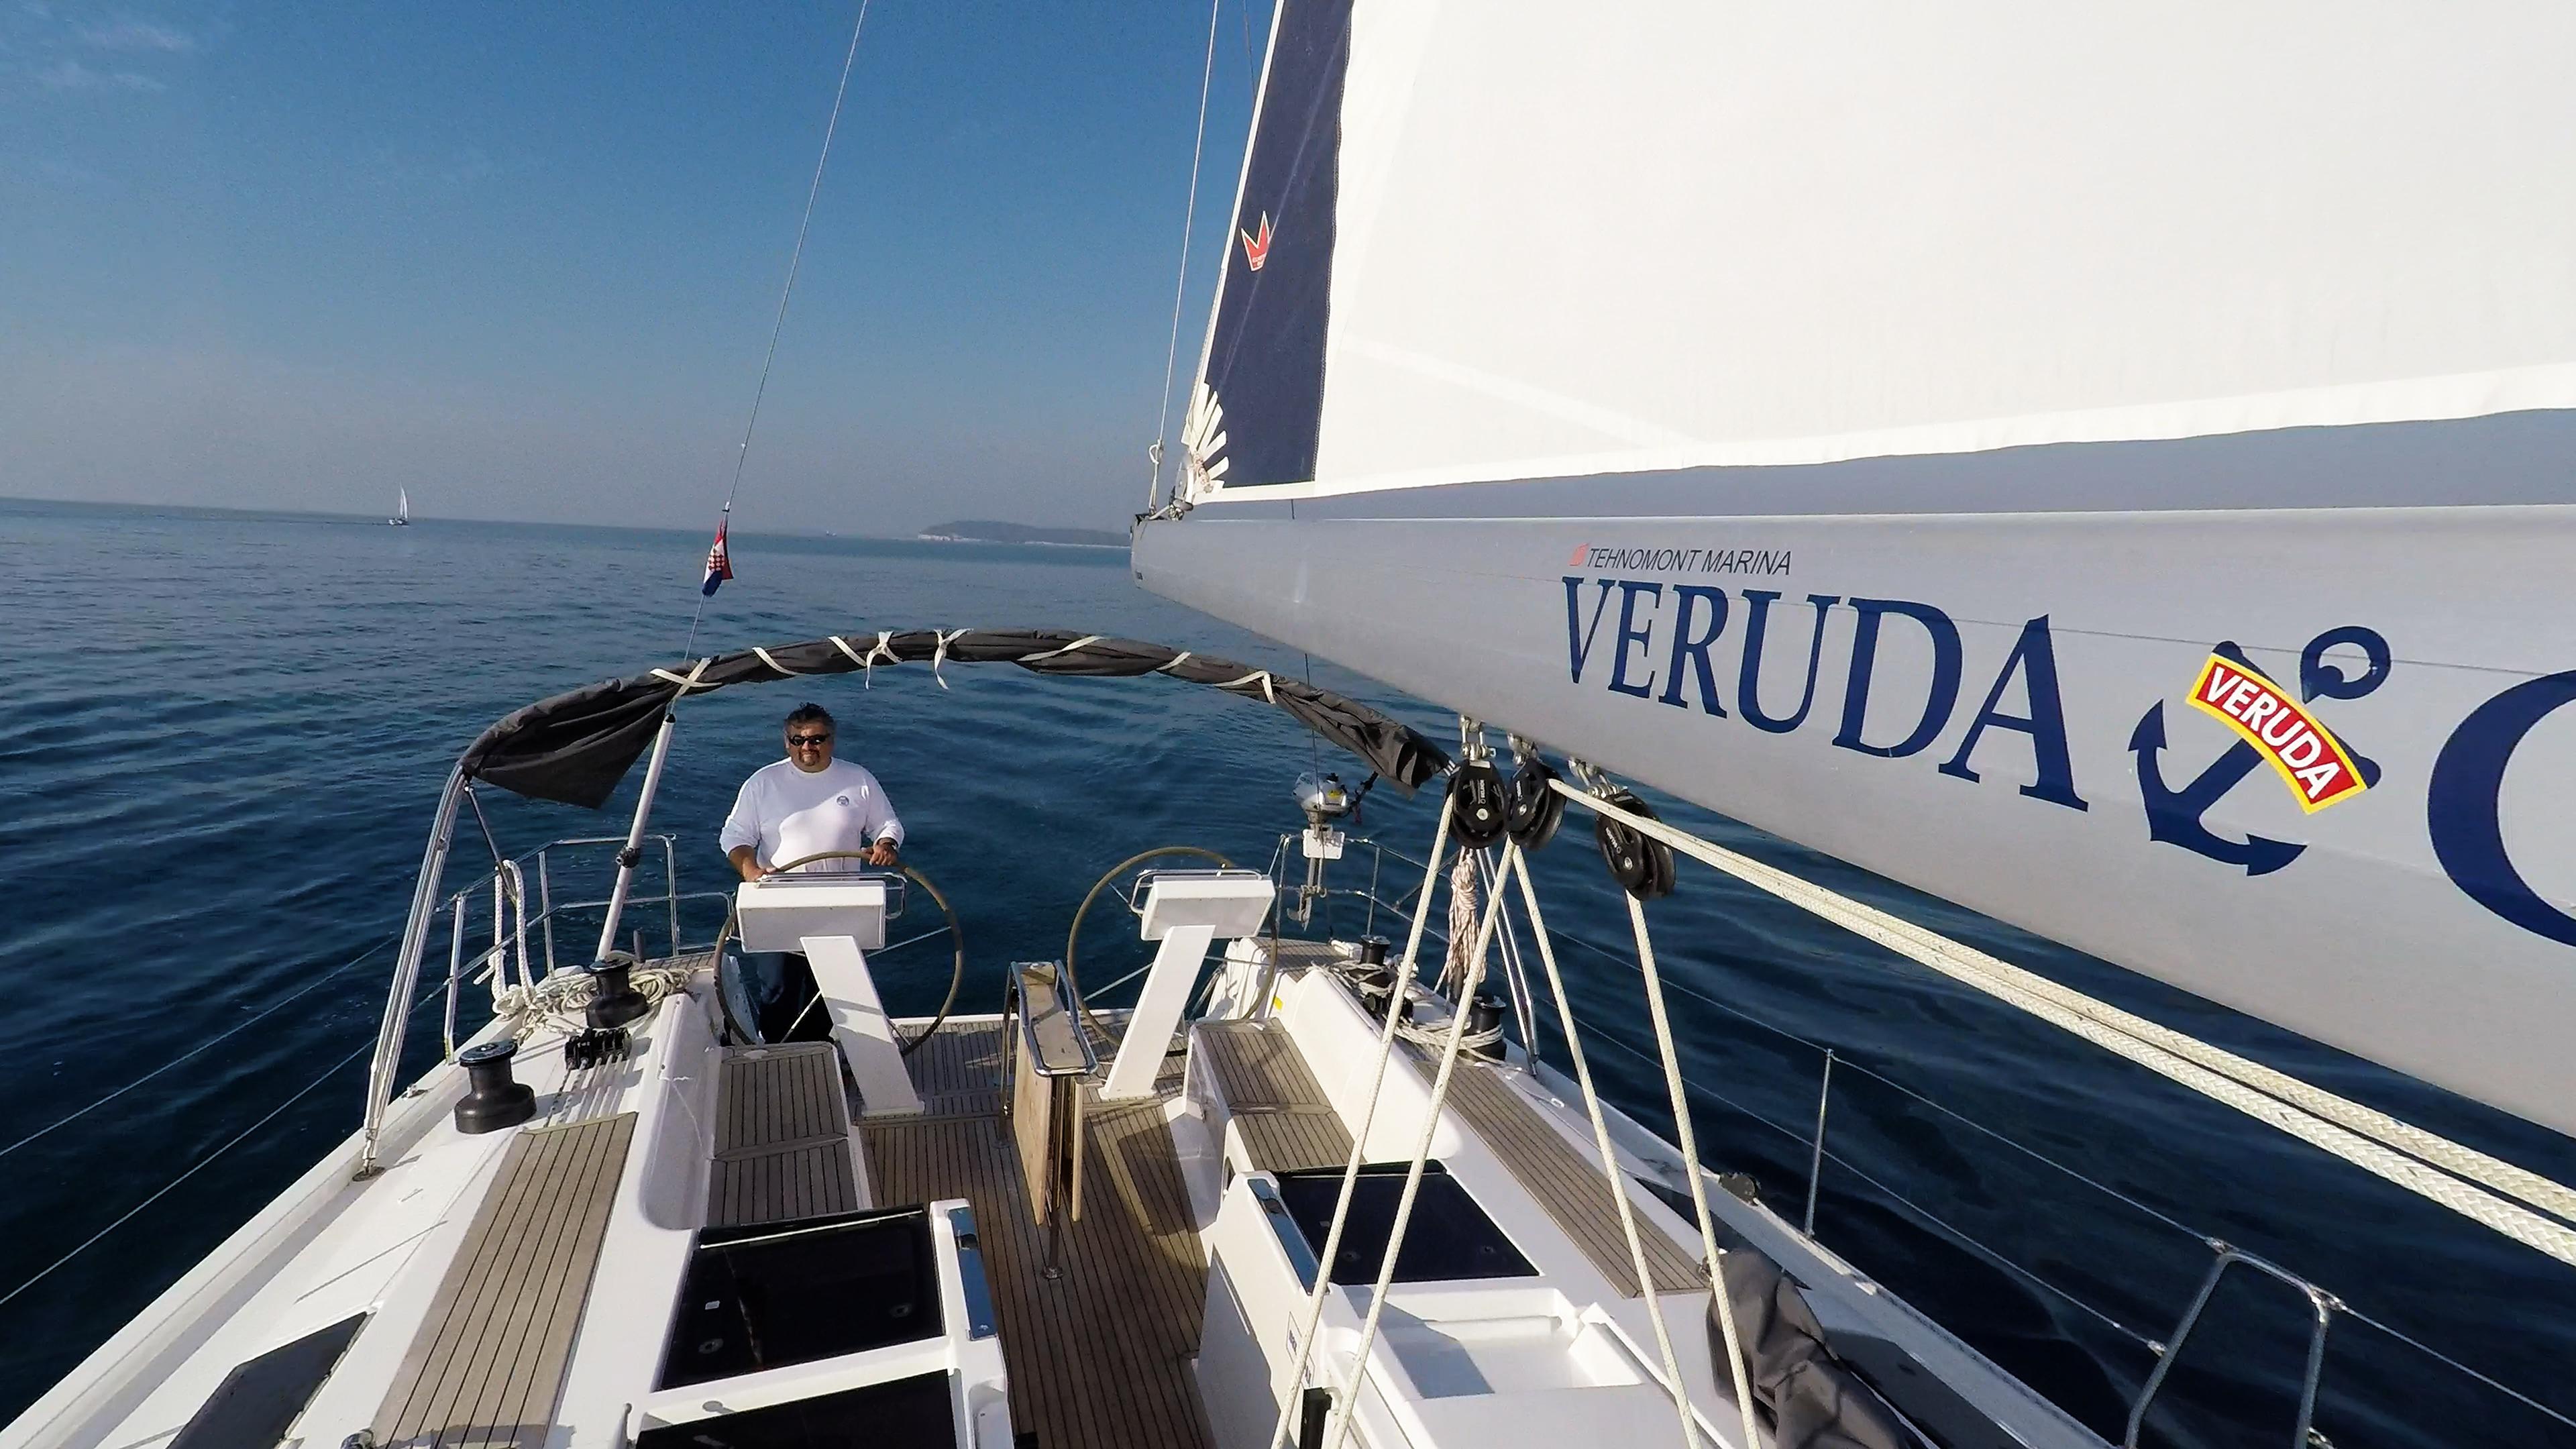 barcha a vela skipper yacht a vela Hanse 505 boma randa pozzetto timoni ruota